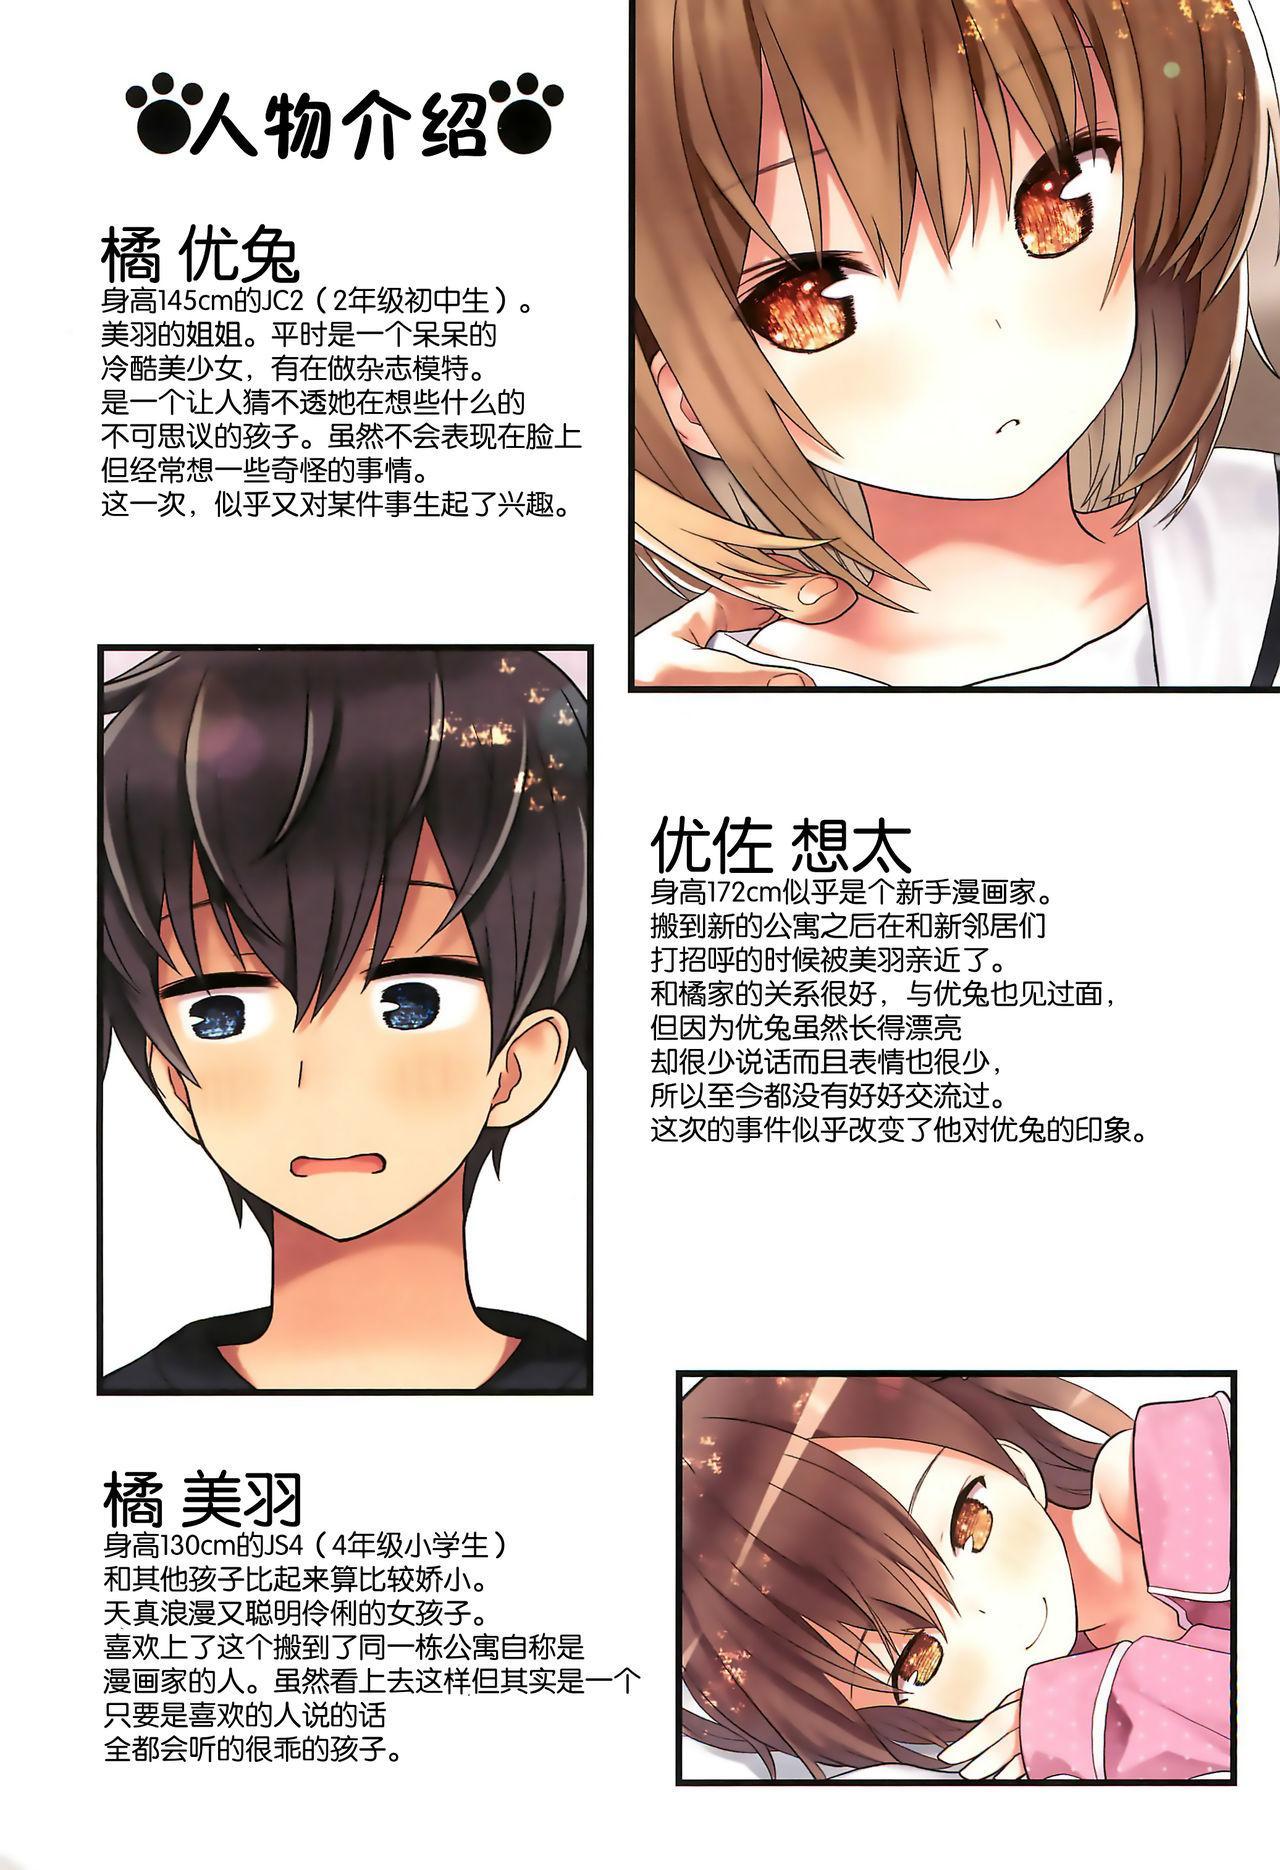 Yuh-chan no Ikenai Koukishin 3